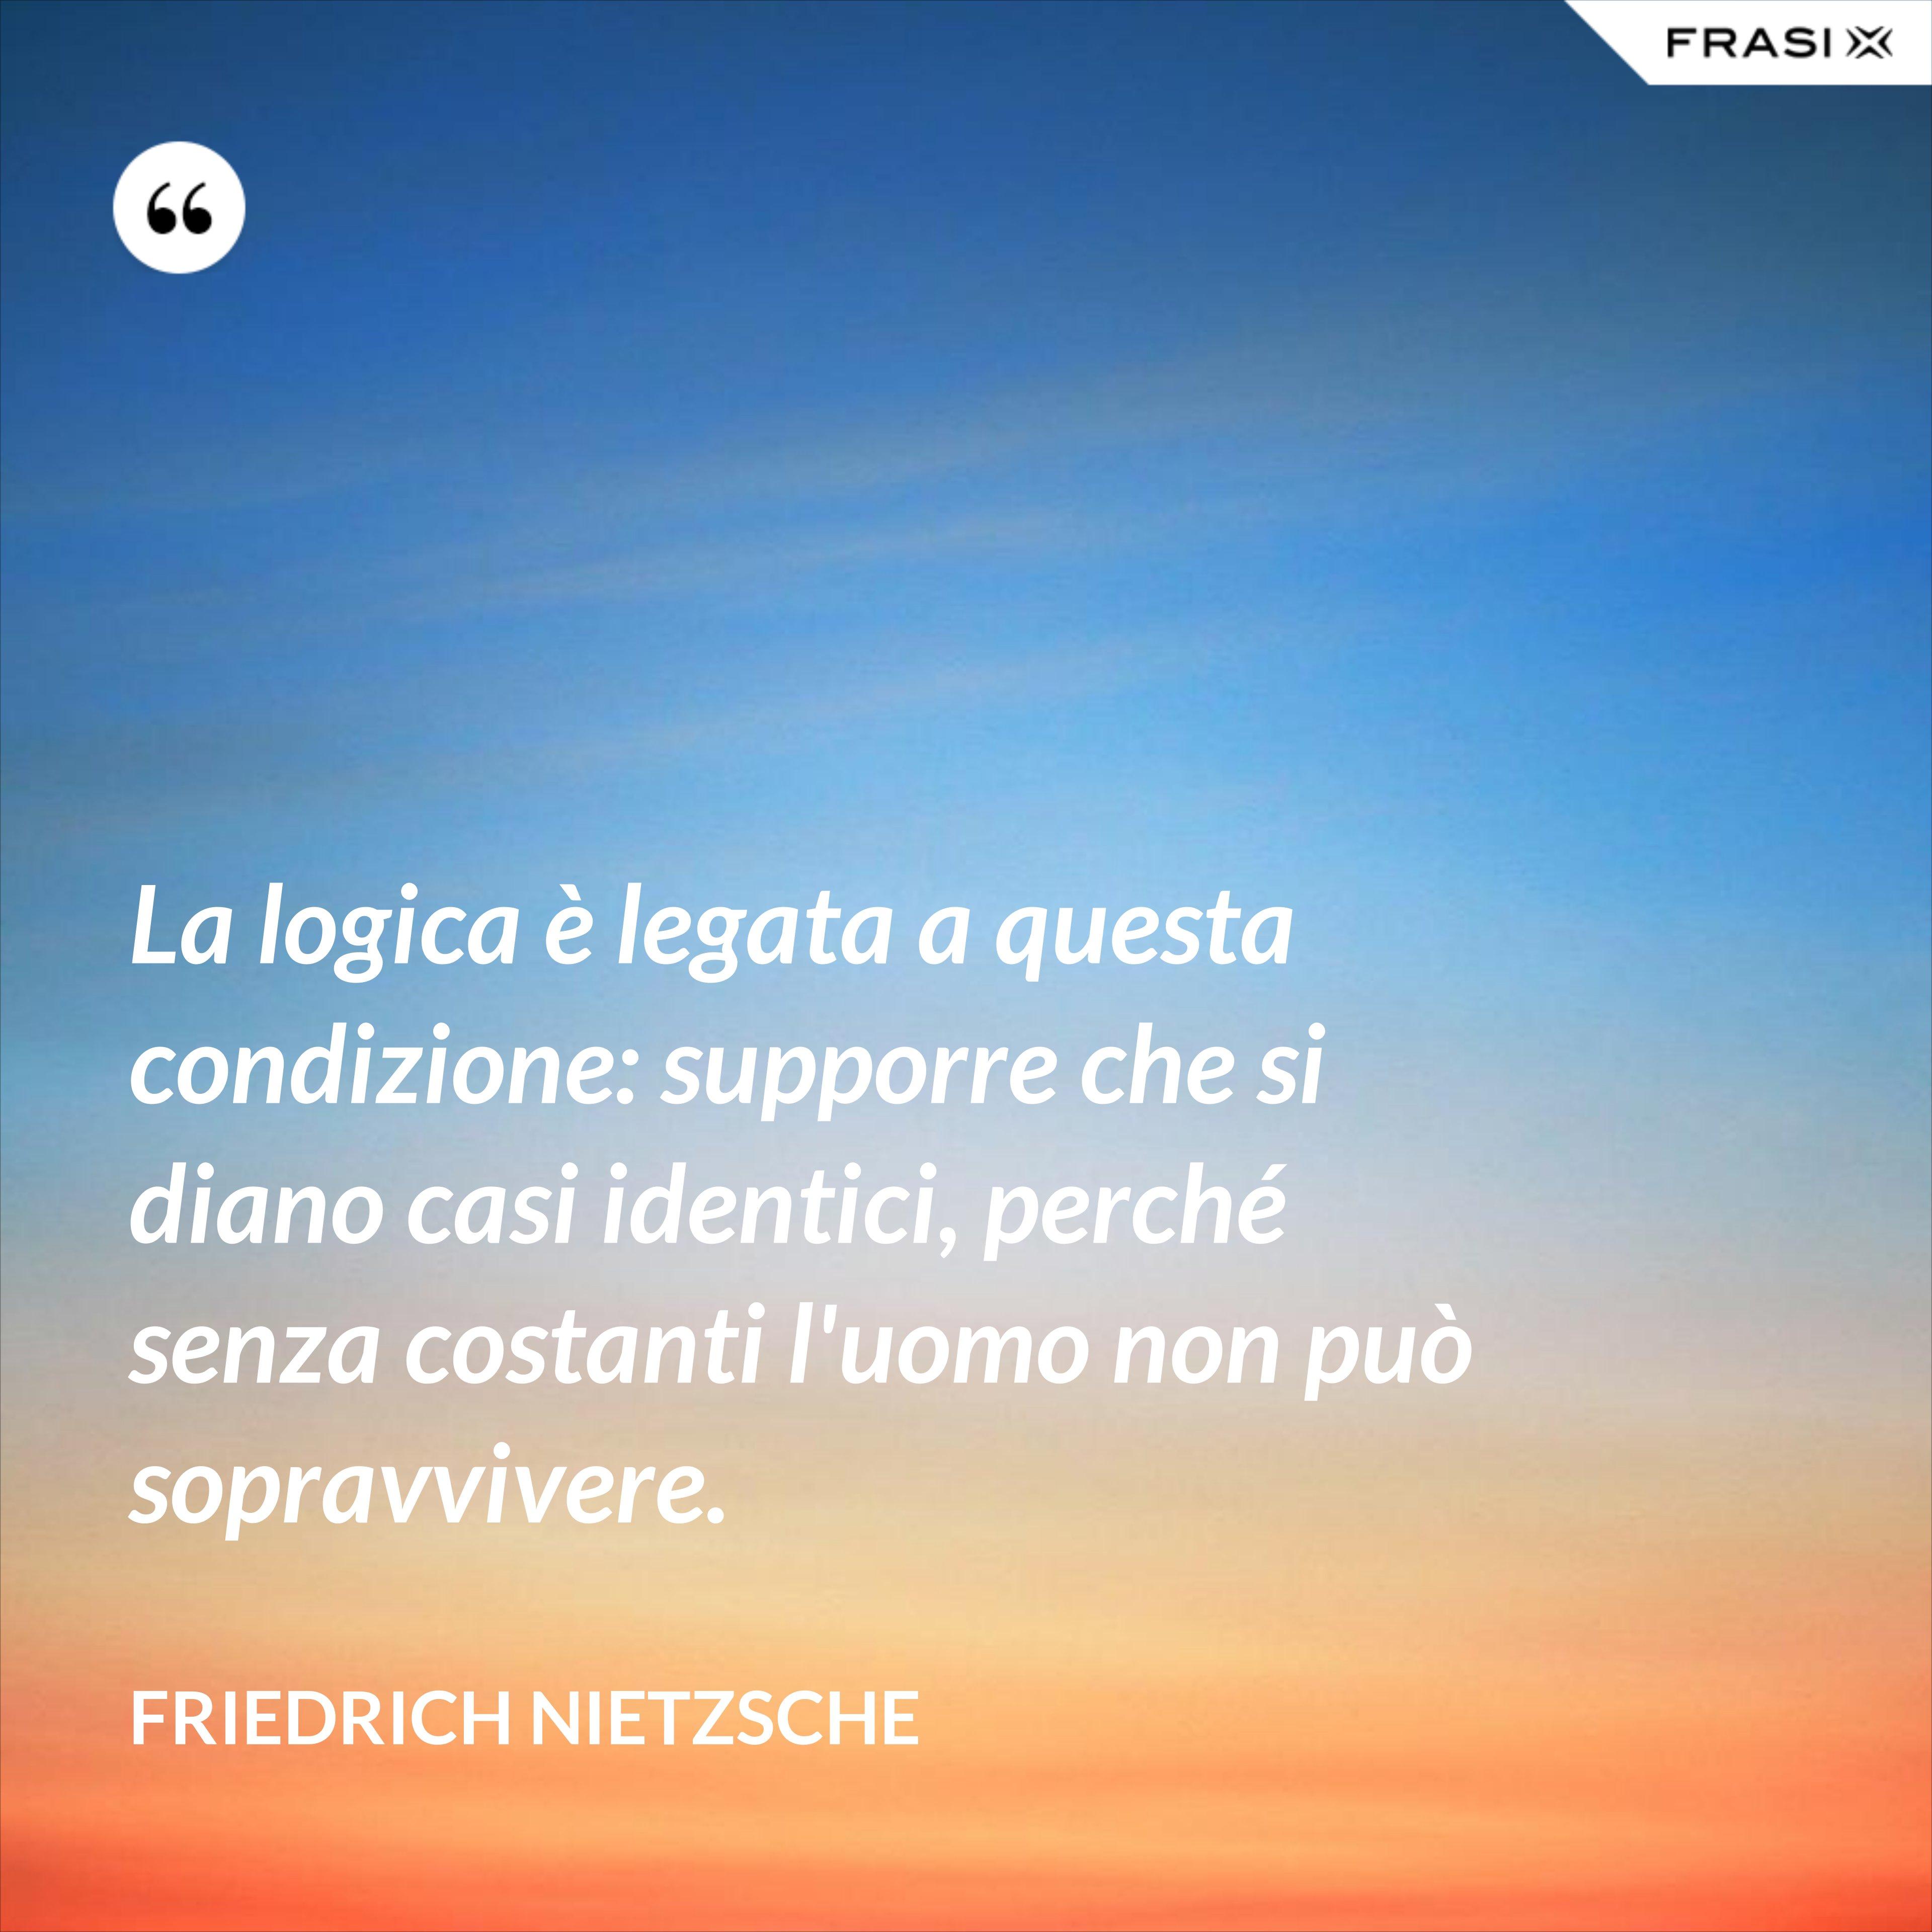 La logica è legata a questa condizione: supporre che si diano casi identici, perché senza costanti l'uomo non può sopravvivere. - Friedrich Nietzsche